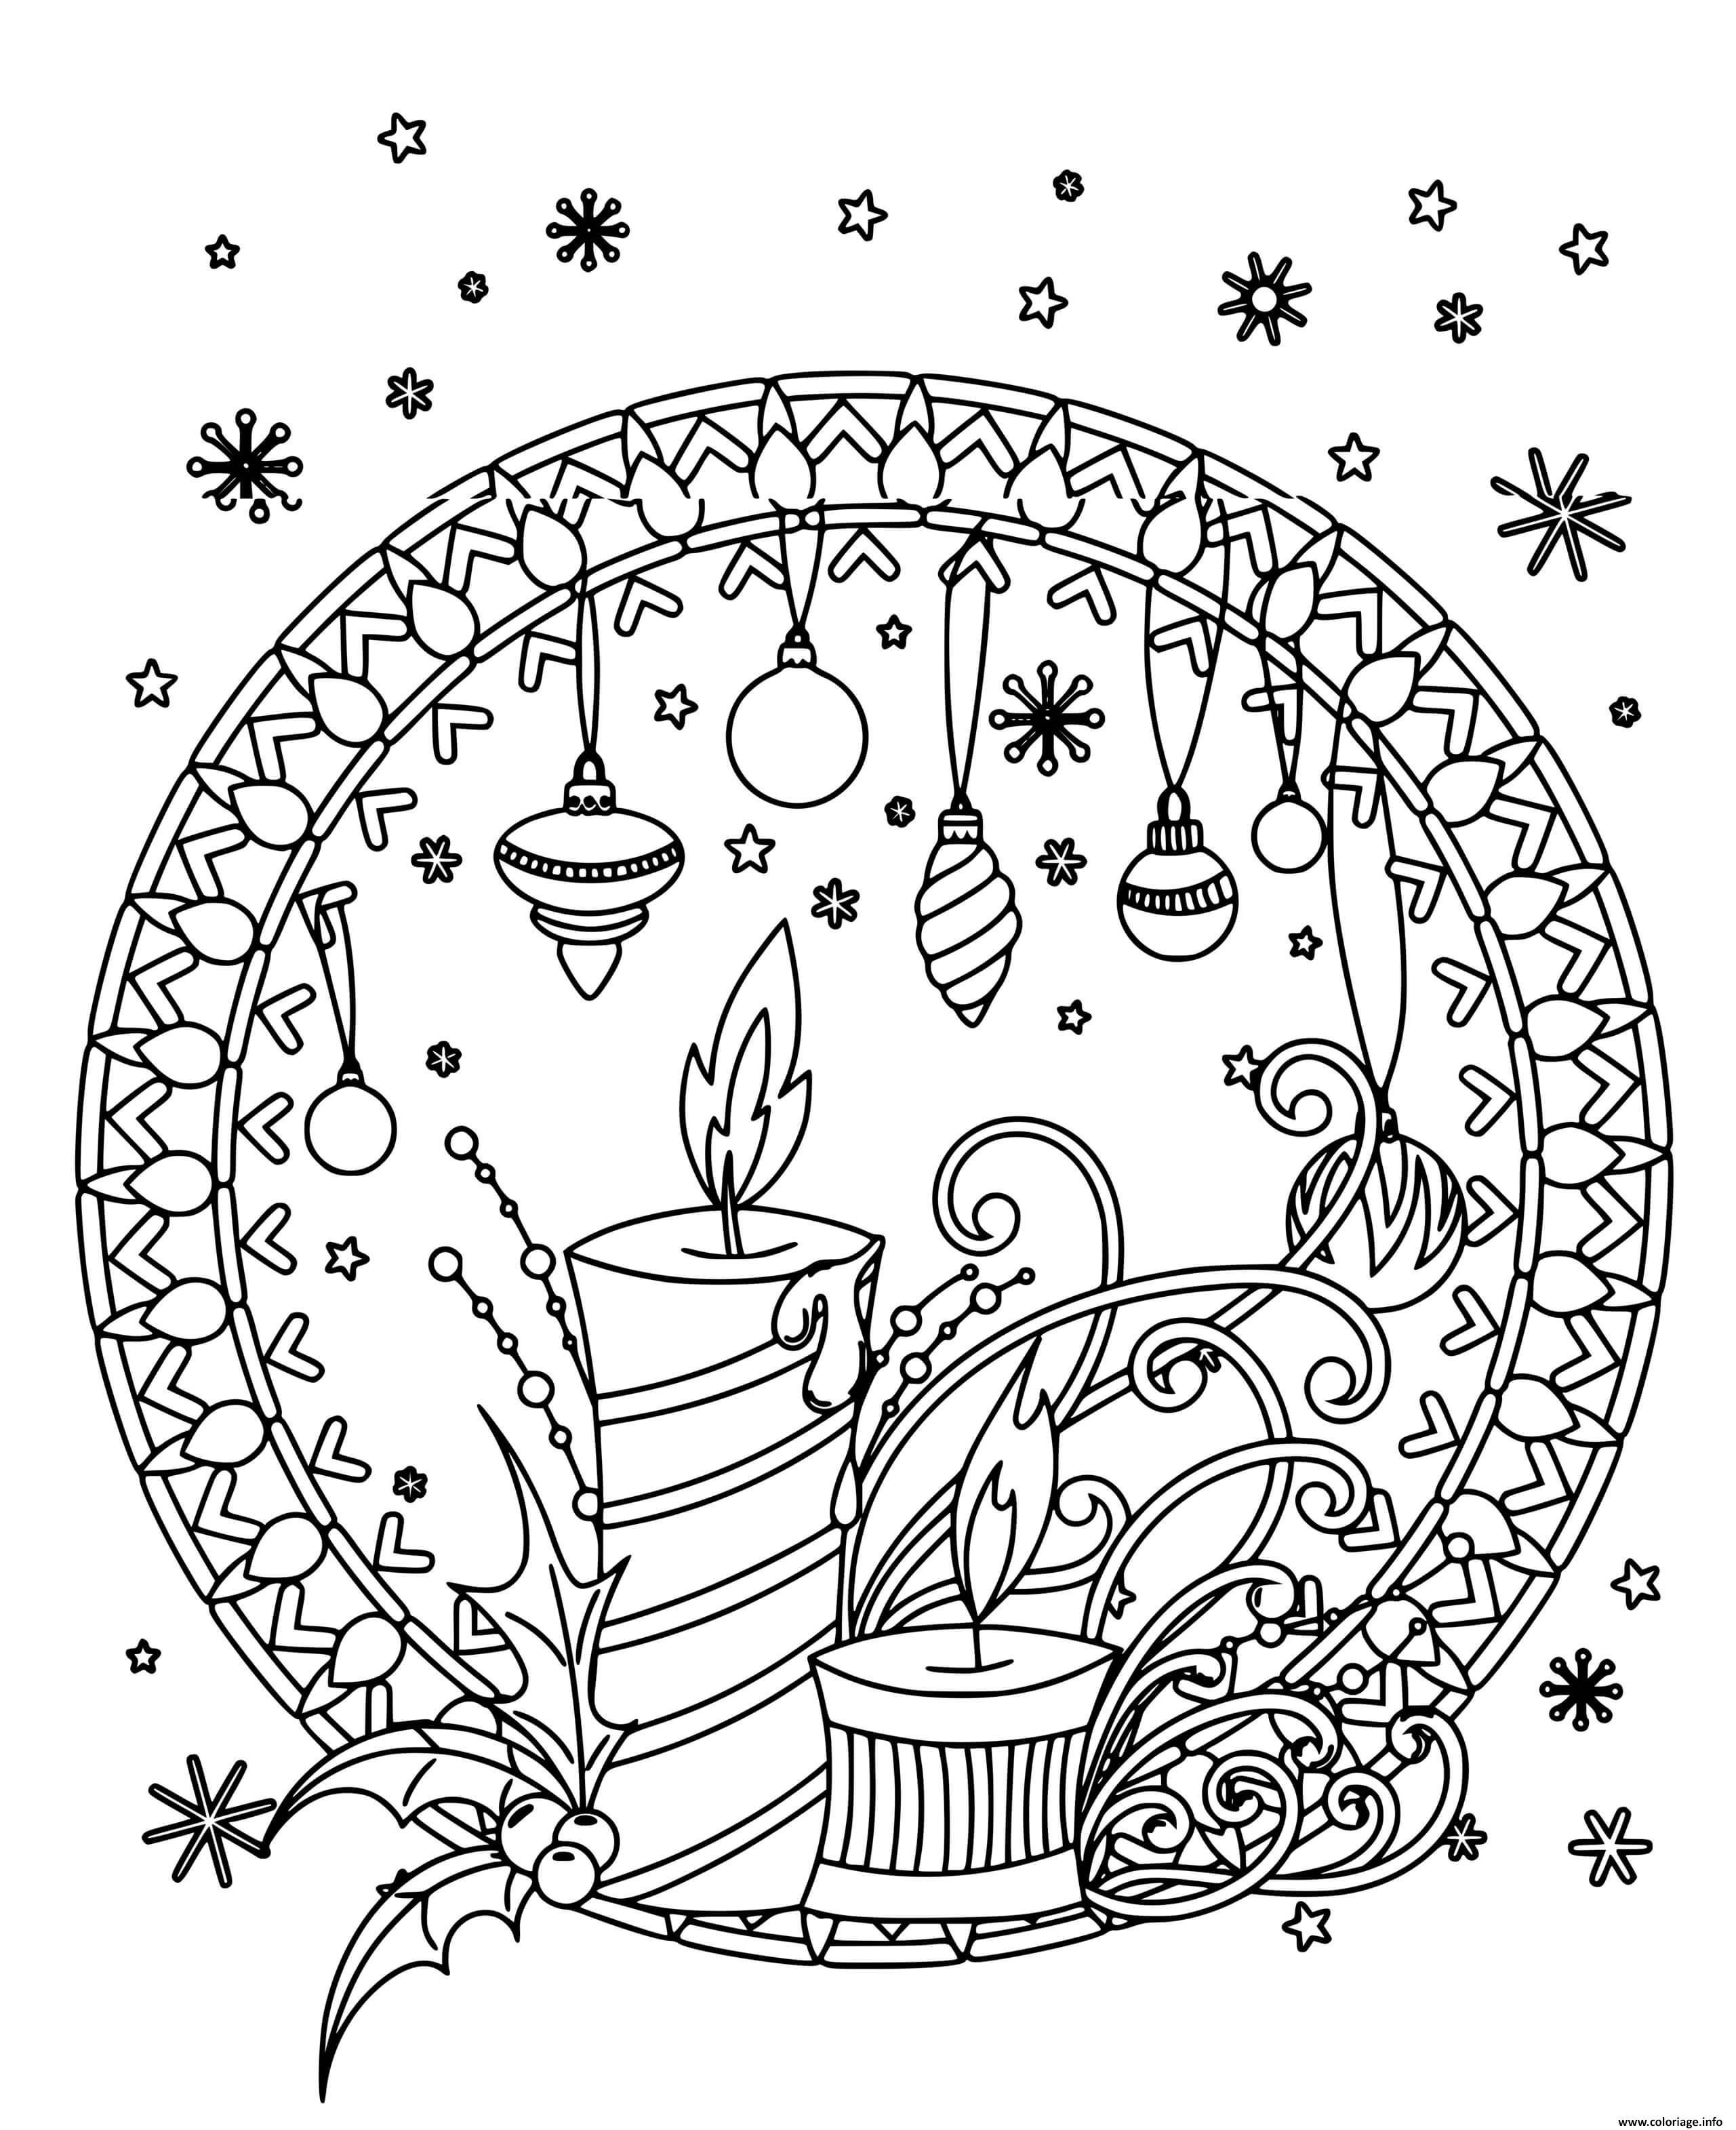 Dessin bougie et decorations de noel mandala Coloriage Gratuit à Imprimer